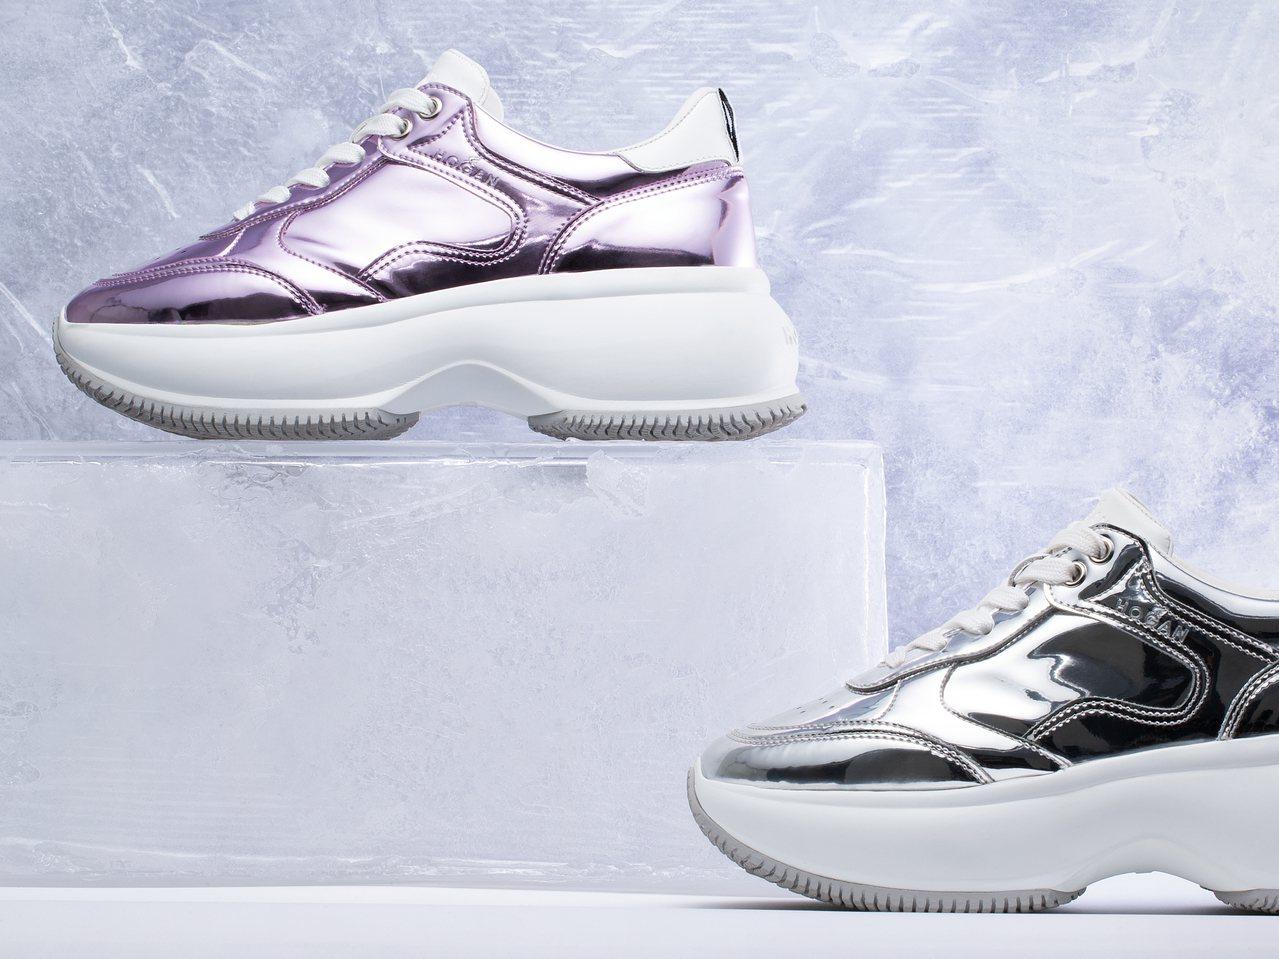 金屬材質的Maxi Active鞋款。圖/迪生提供